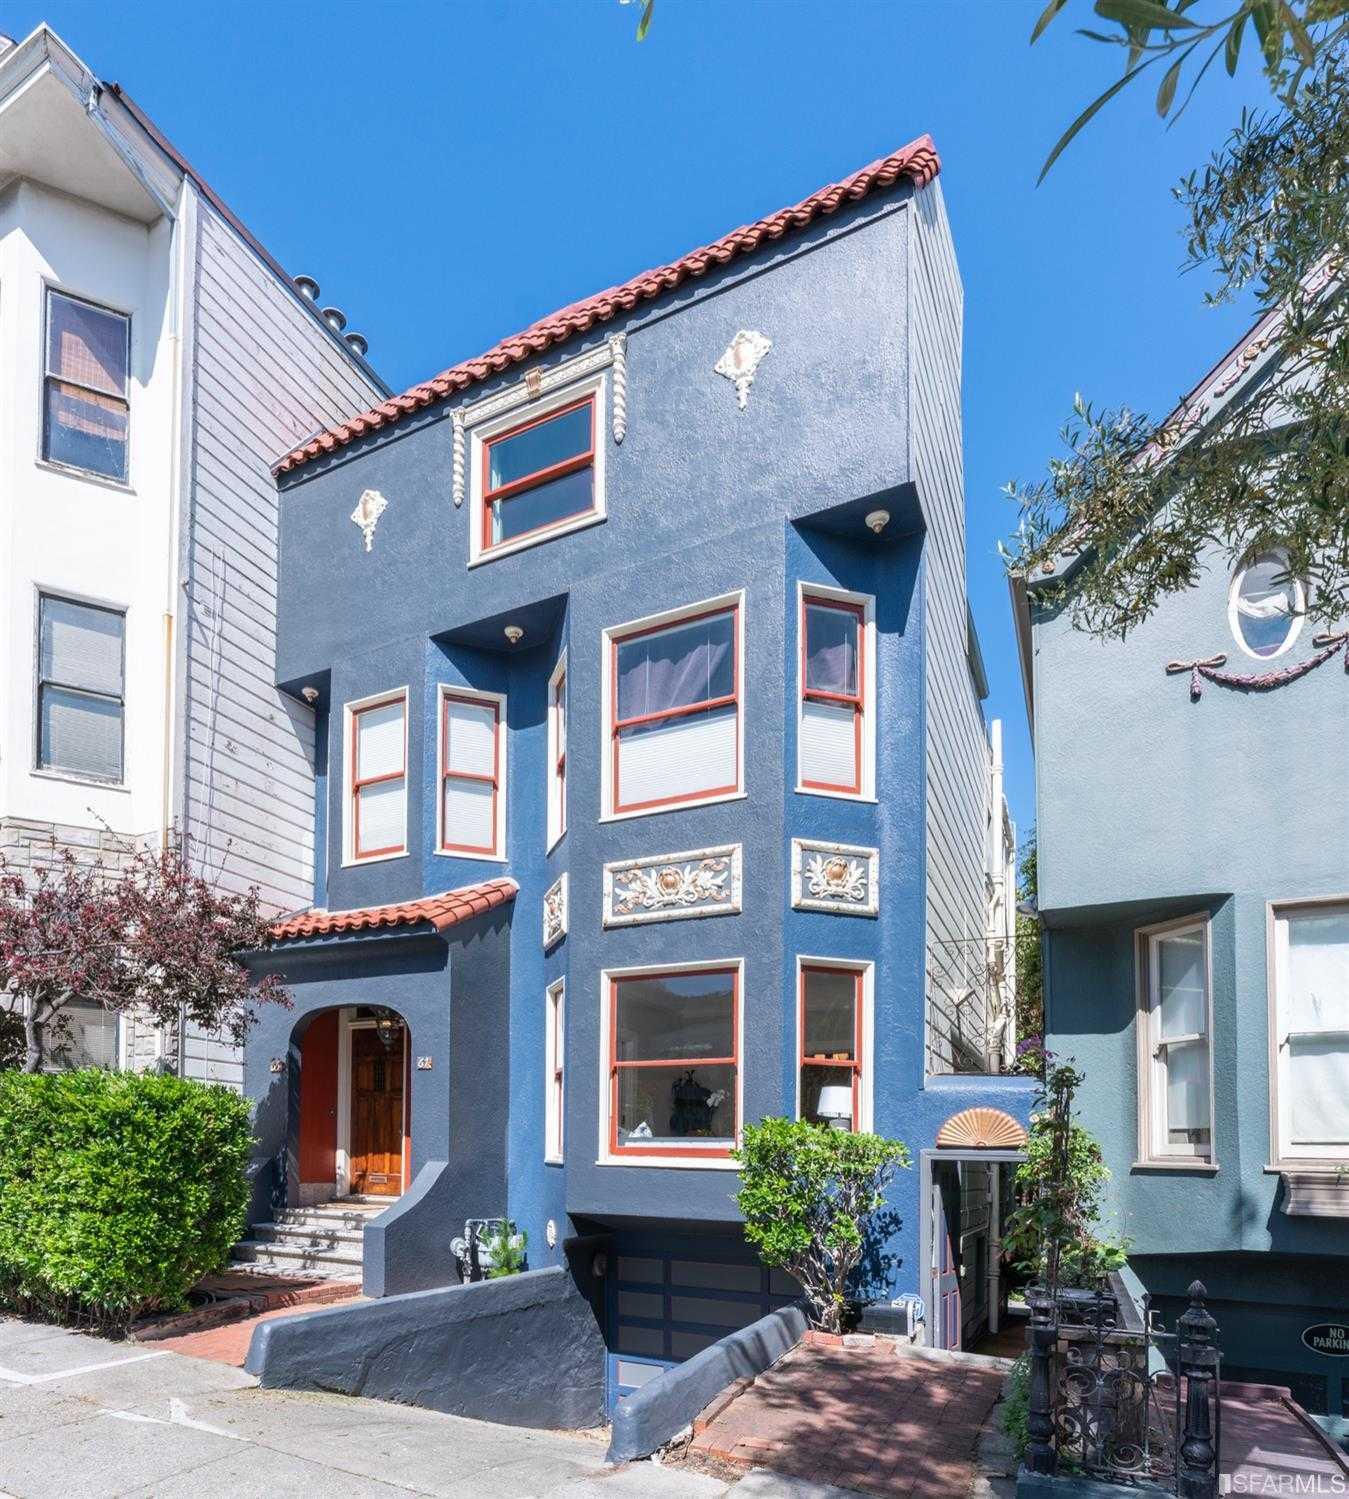 67 Noe St San Francisco, CA 94114